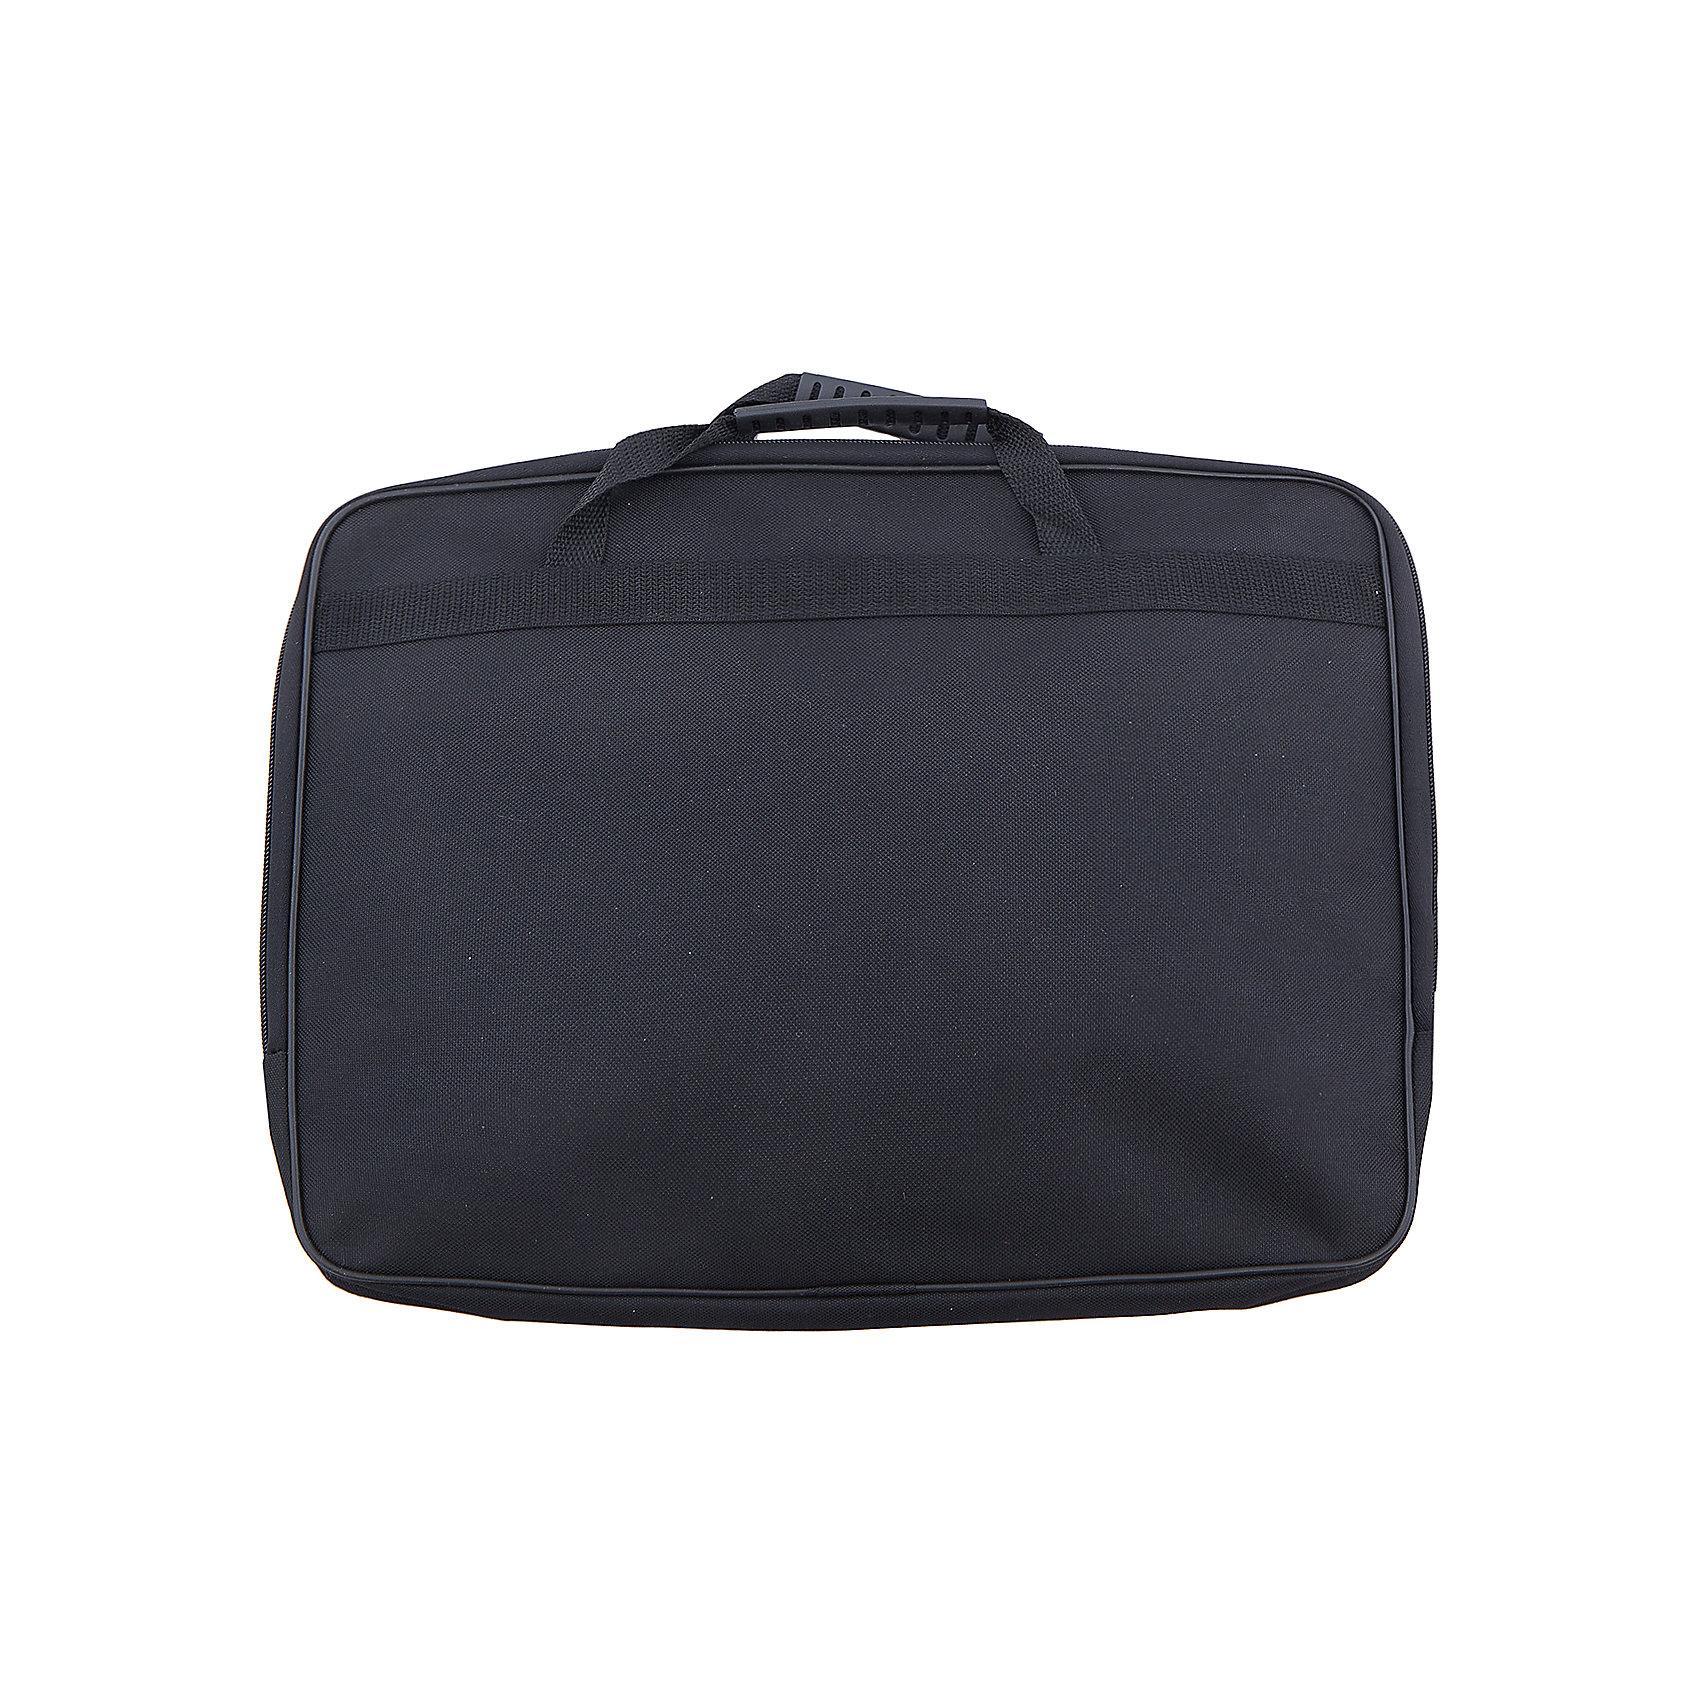 Папка А4, цвет черныйПапки для дополнительных занятий<br>Характеристики товара:<br><br>• вид папки: папка-портфель<br>• формат: А4 (210 x 297 мм)<br>• цвет: черный<br>• материал: пластик, текстиль, картон<br>• размеры: 360 х 280 х 40 мм<br>• упаковка: пакет<br>• размер упаковки: 36 х 28 х 4<br>• вес в упаковке: 680 г<br>• страна: Китай<br><br>Практичная папка для документов черного цвета вмещает документы формата А4 без сложения. <br><br>Изделие имеет одно основное отделение, закрывающееся на молнию двумя бегунками. <br><br>Внутри содержится два накладных кармана на резинке для мелочей. <br><br>Сумка оснащена двумя удобными ручками для переноски. <br><br>Такая сумка идеально подойдет для деловых поездок и встреч, в нее можно положить все необходимые документы.<br><br>Папка А4, черного цвета можно купить в нашем интернет-магазине.<br><br>Ширина мм: 310<br>Глубина мм: 300<br>Высота мм: 395<br>Вес г: 237<br>Возраст от месяцев: 48<br>Возраст до месяцев: 2147483647<br>Пол: Унисекс<br>Возраст: Детский<br>SKU: 5475480